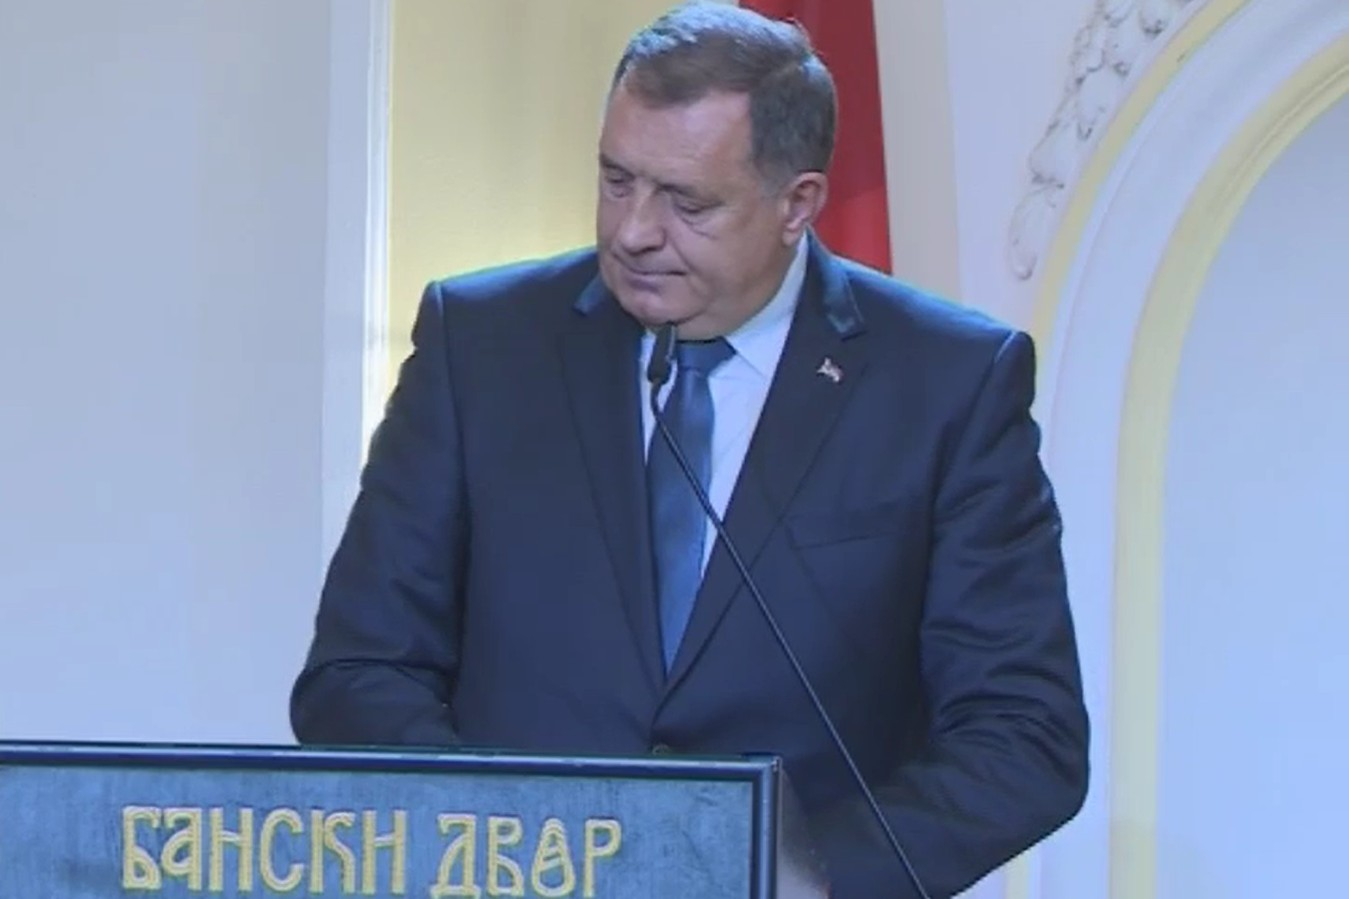 Srpski član Predsjedništva BiH Milorad Dodik tokom oproštajnog govora na komemoraciji Arieu Livenu u Banskom dvoru, Banjaluka, 11. septembar 2020. (Foto: Snimak ekrana/RTRS)